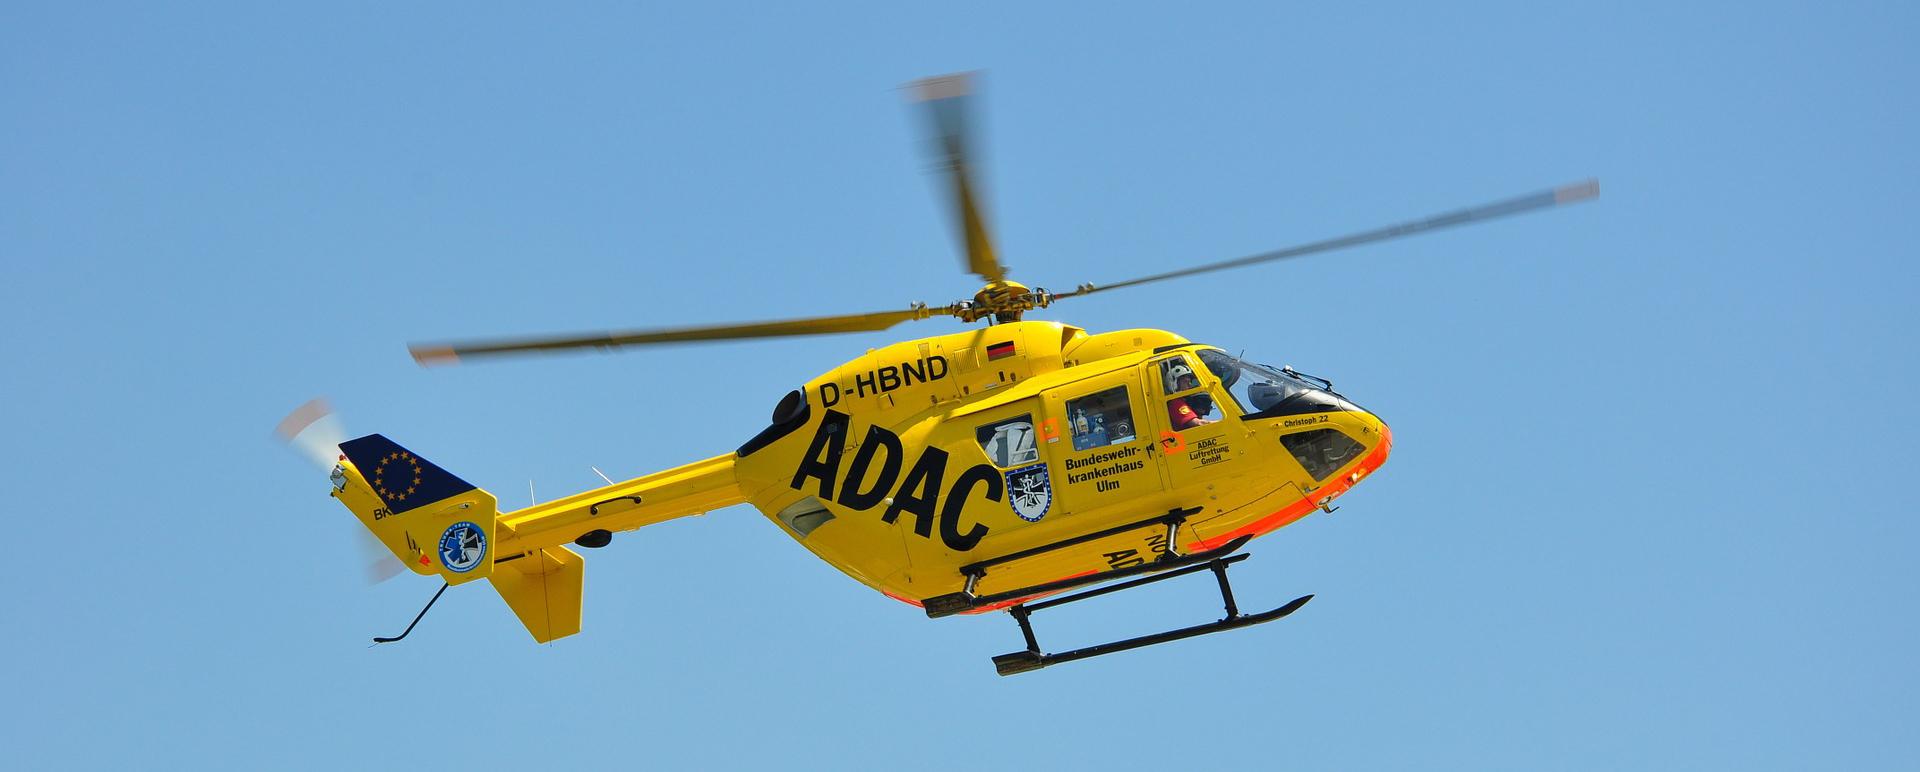 Rettungshubschrauber der ADAC Vertriebsagentur Novosel GmbH